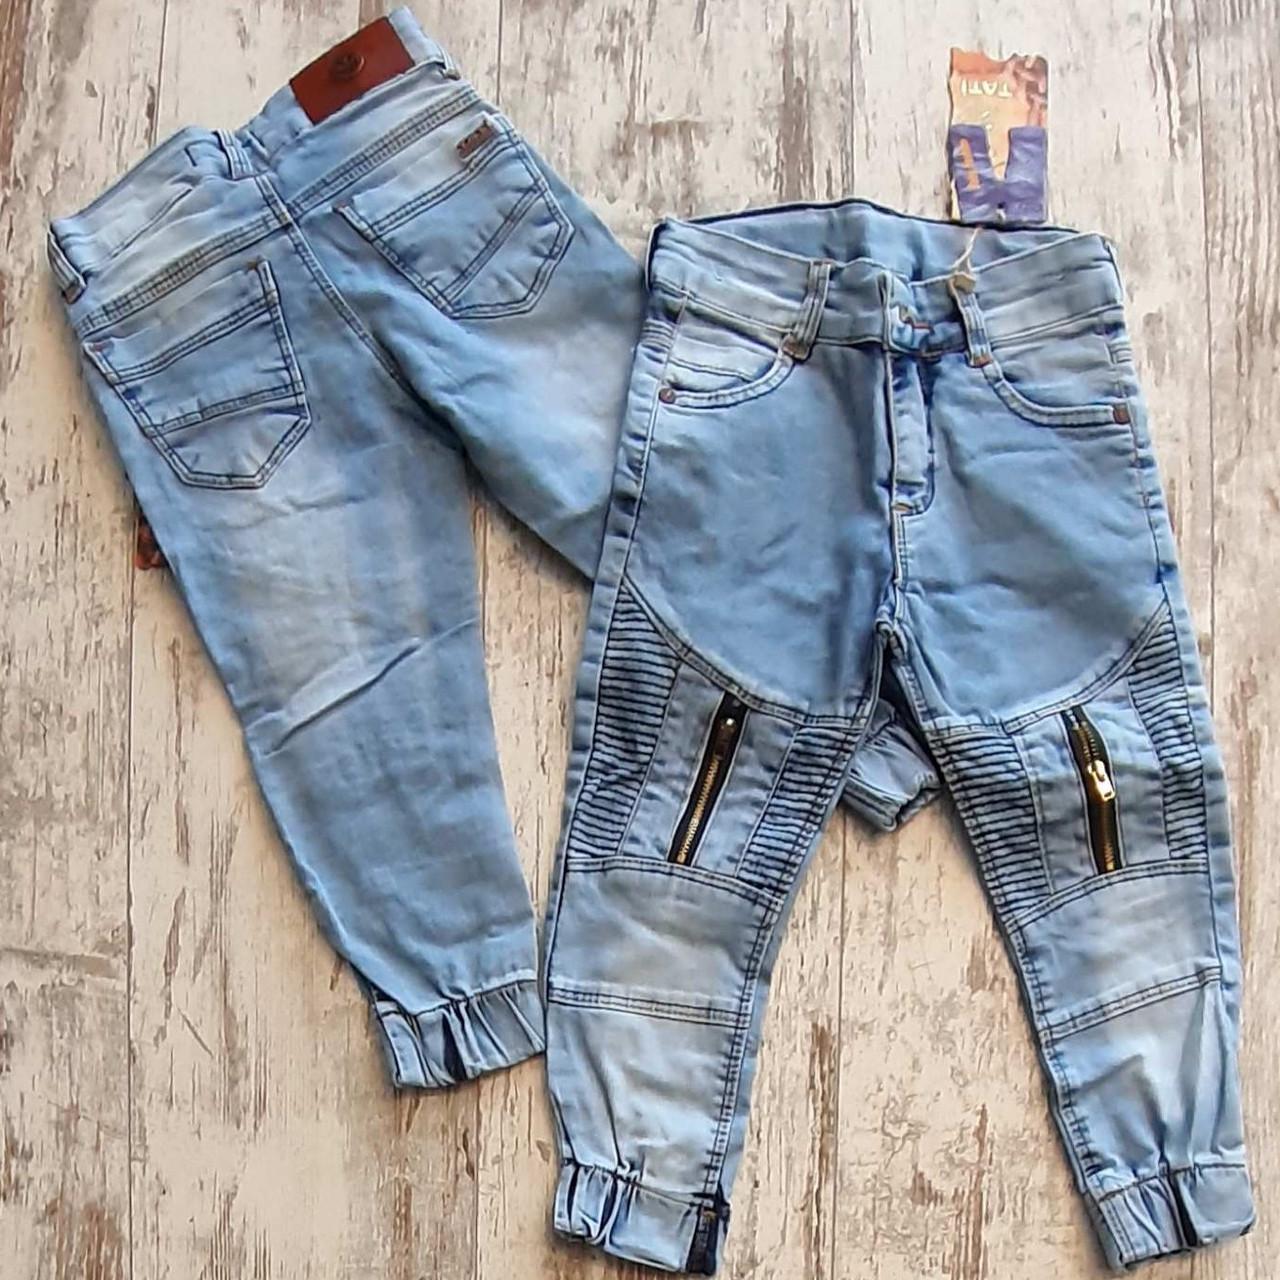 Джинсы модные подростковые  #3999 для мальчиков. 9-10-11-12 лет. Оптом